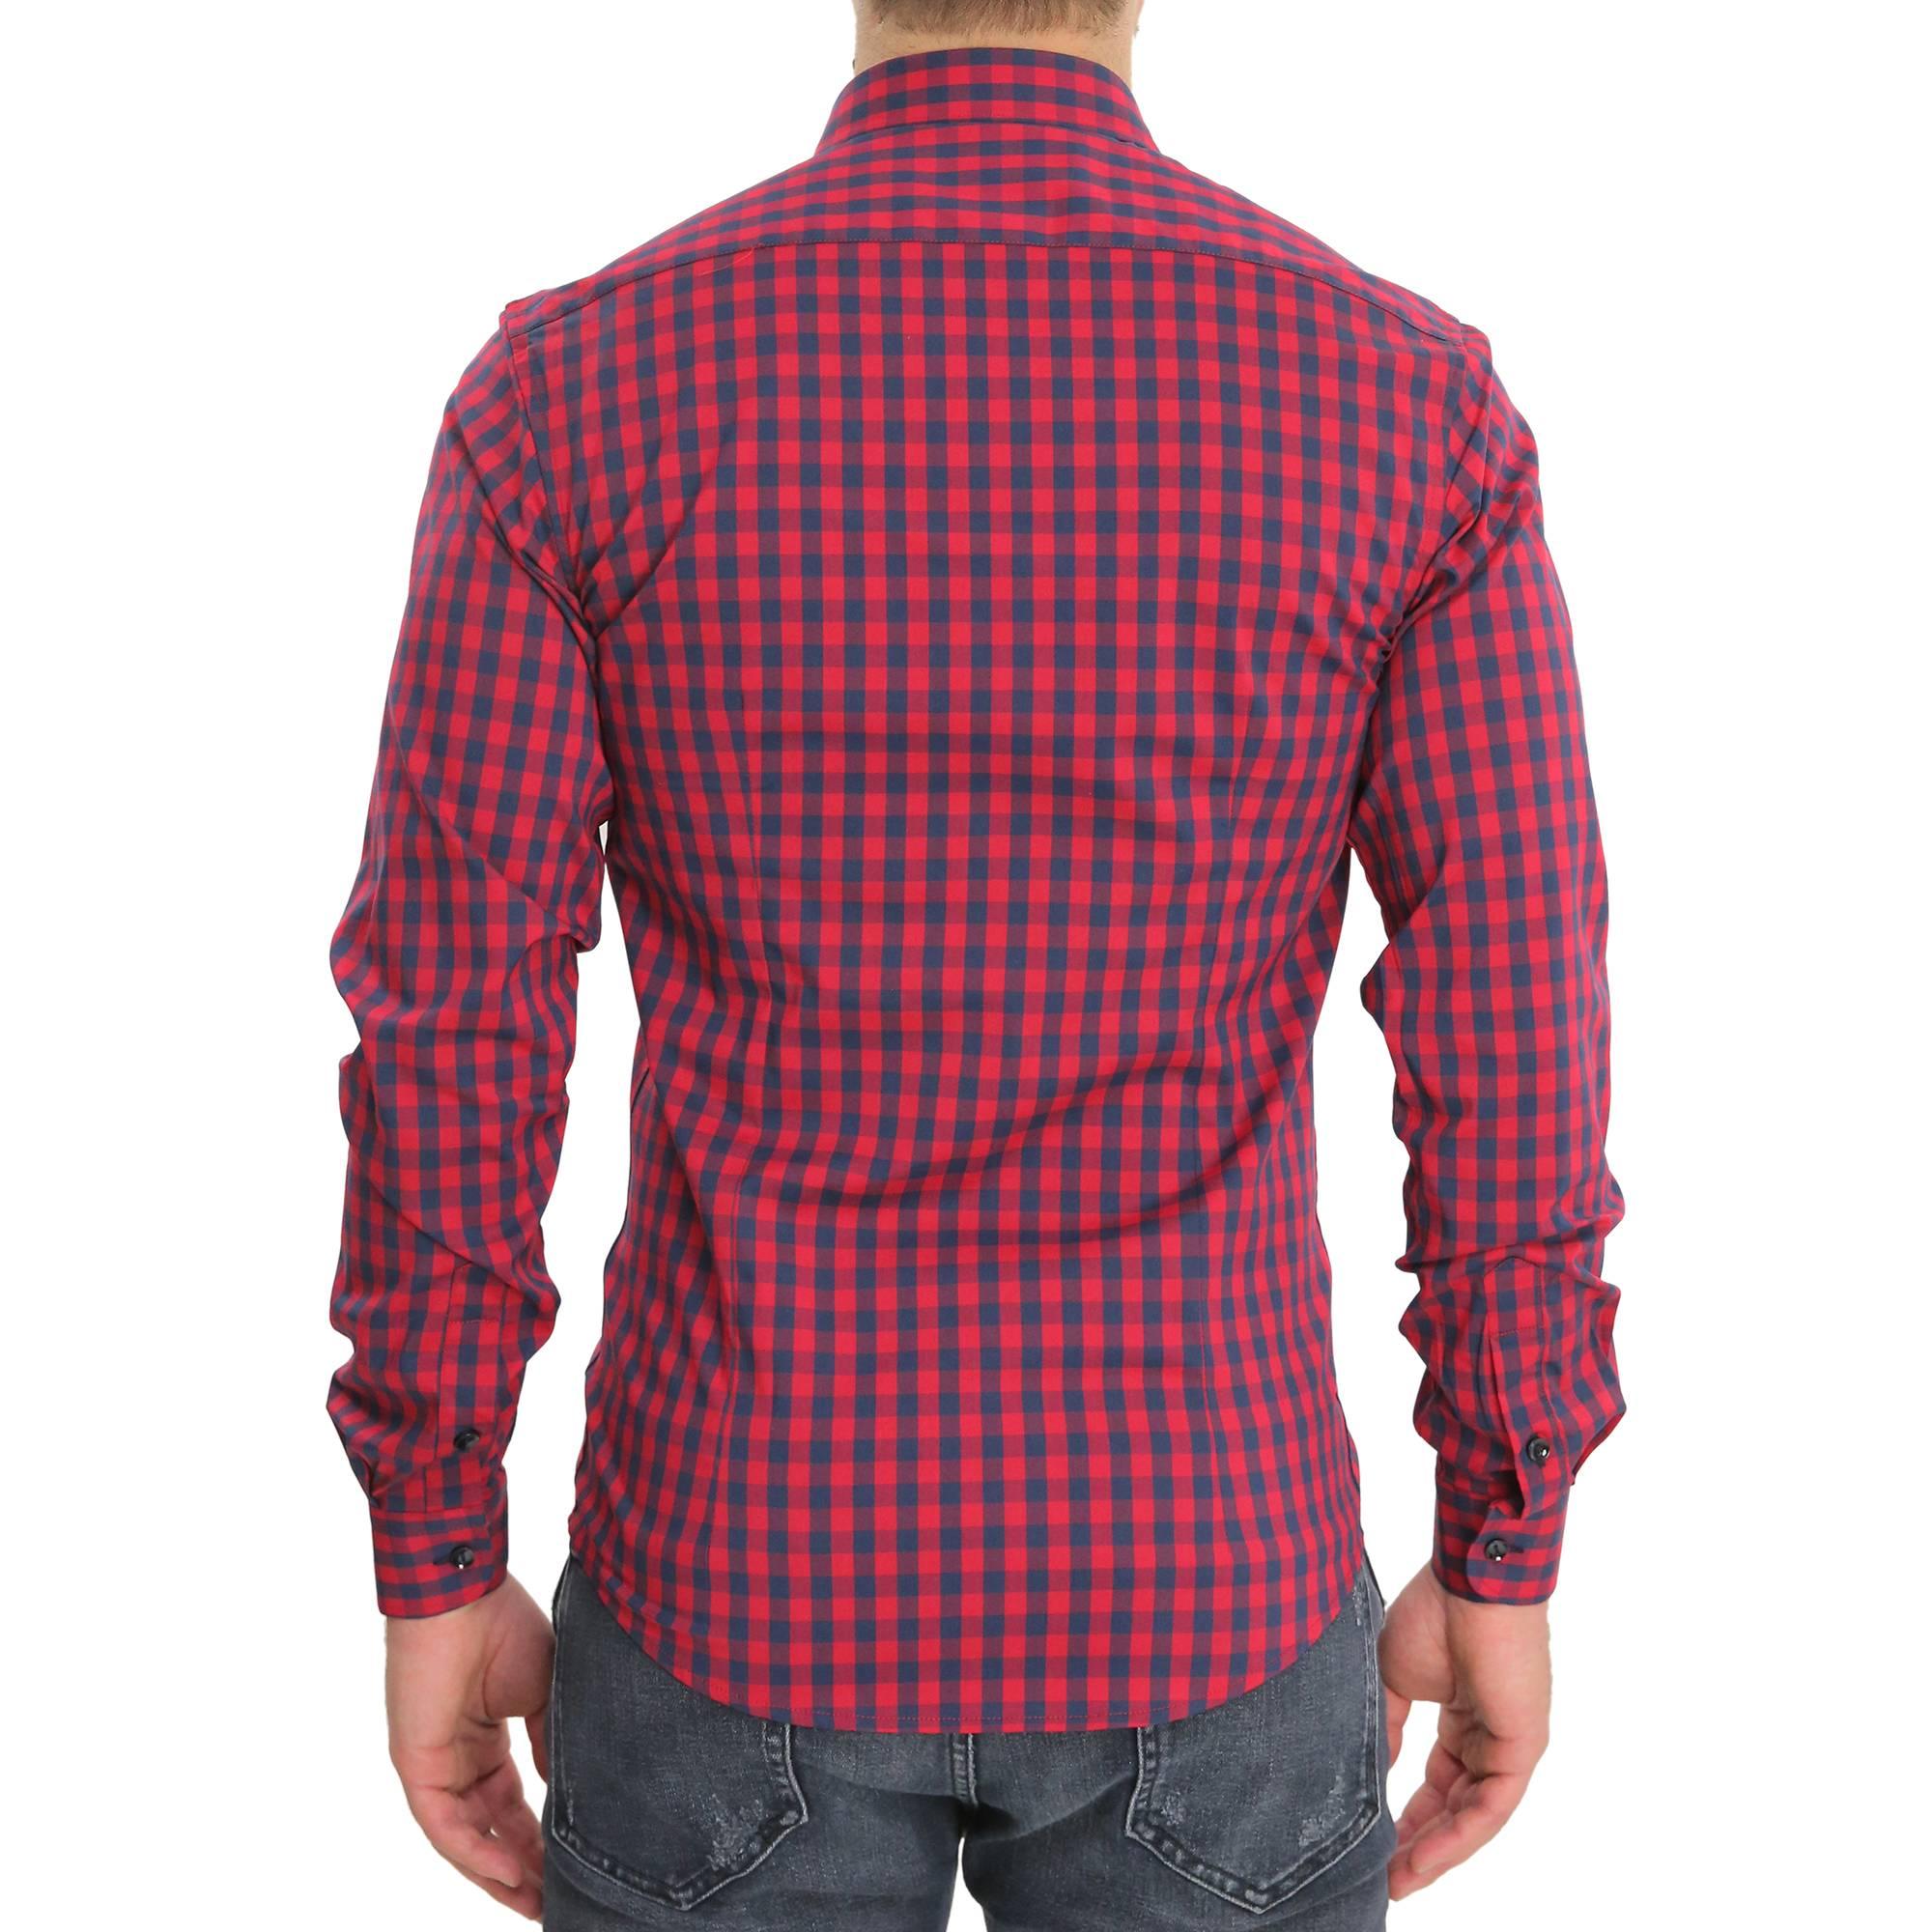 Camicia-Uomo-Cotone-Quadretti-Casual-Slim-Fit-Quadri-Scozzese-Manica-Lunga miniatura 14